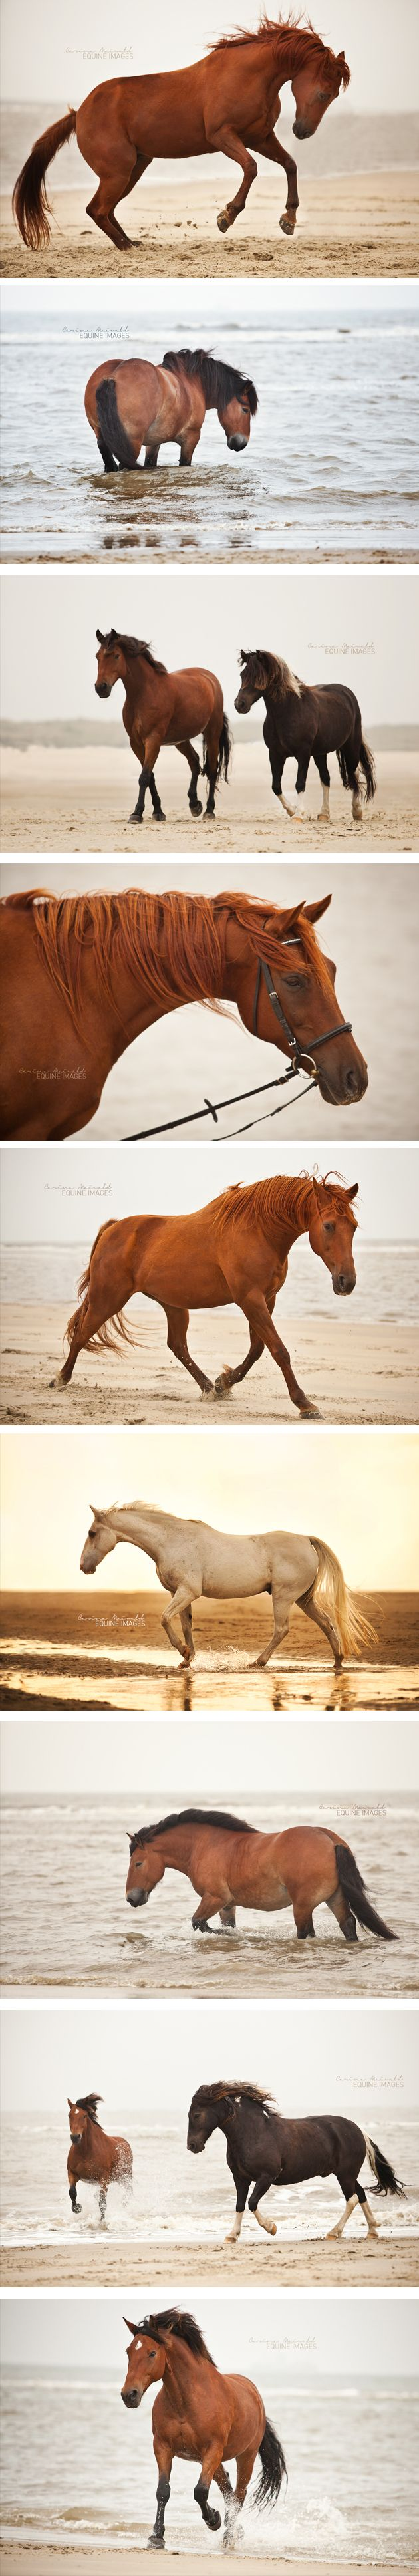 Carina Maiwald – EQUINE IMAGES / Pferdefotografie